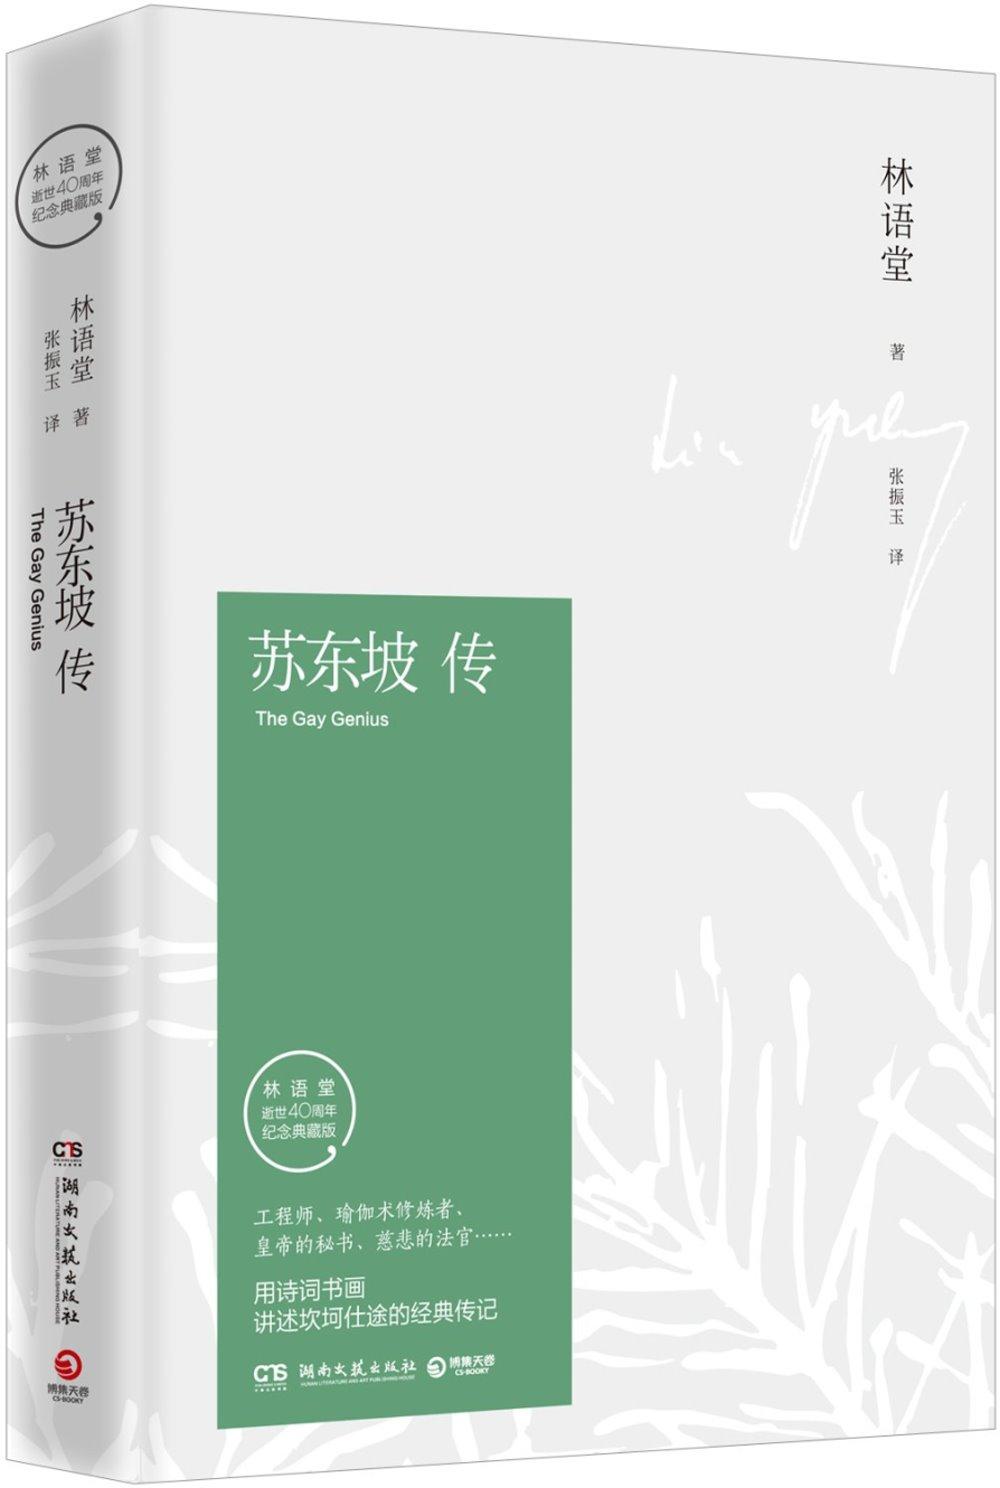 蘇東坡傳(林語堂逝世40周年紀念典藏版)